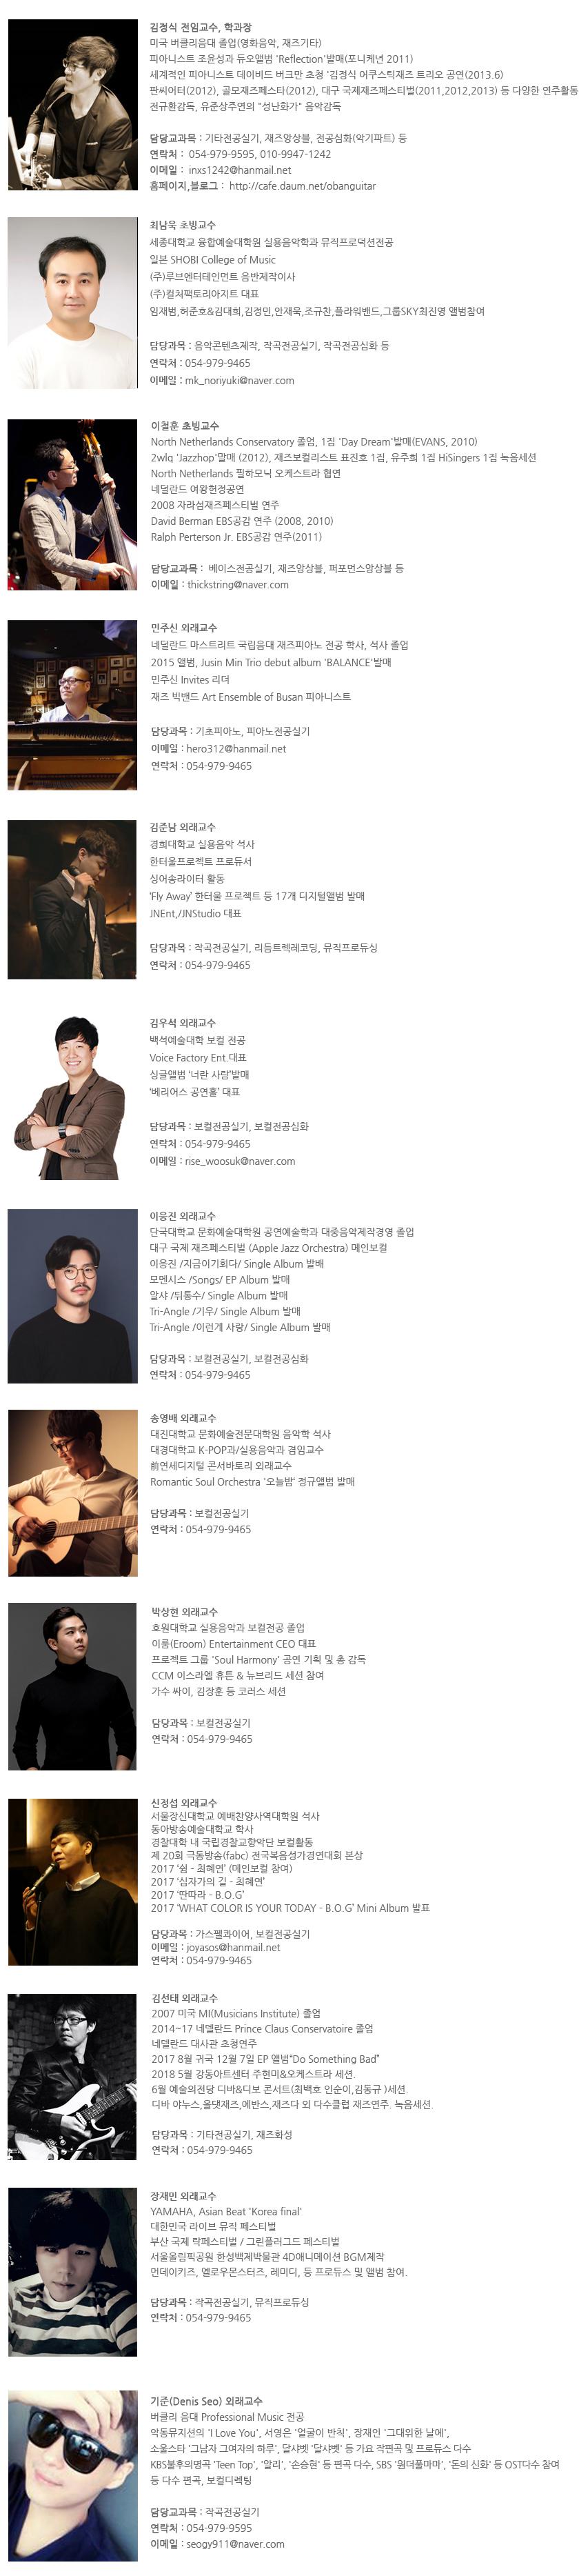 뮤직프로덕션과 교수소개.jpg